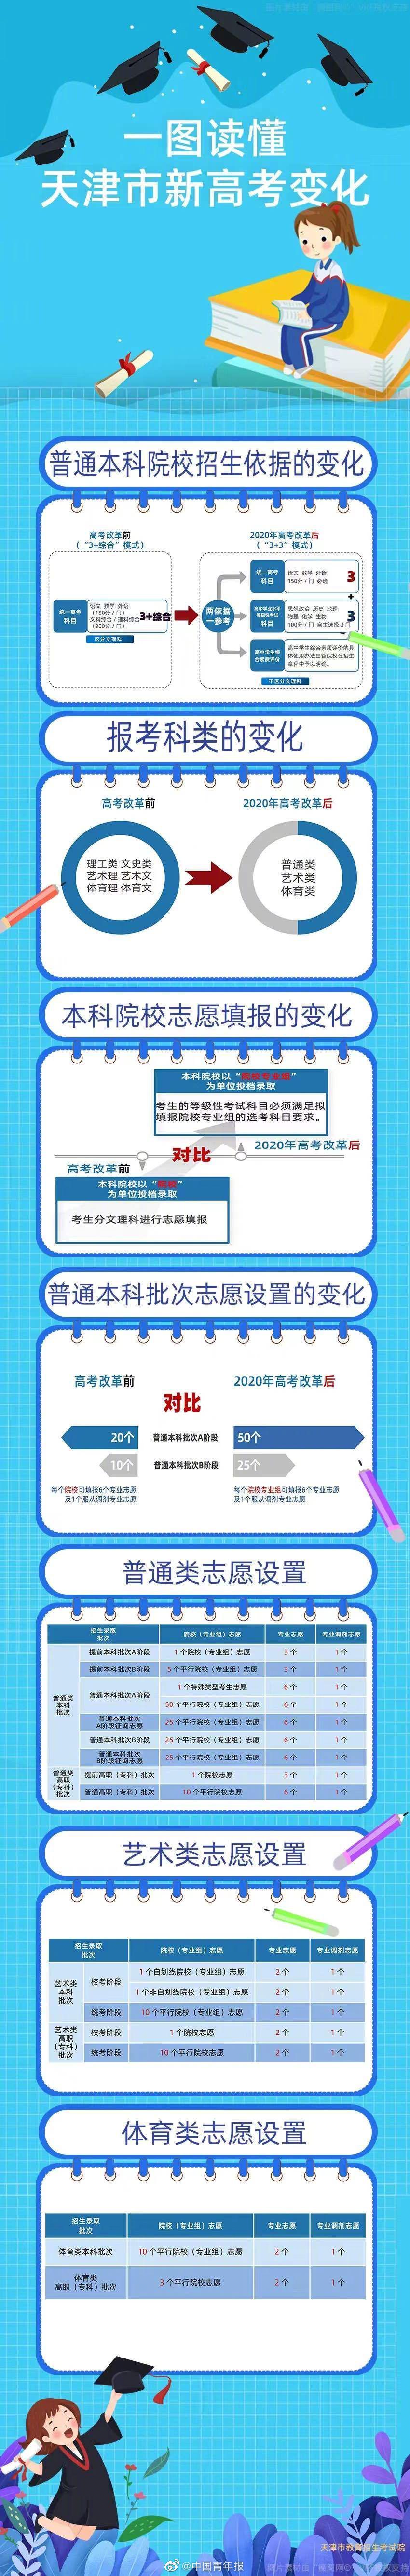 天津新高考志愿辅助系统上线